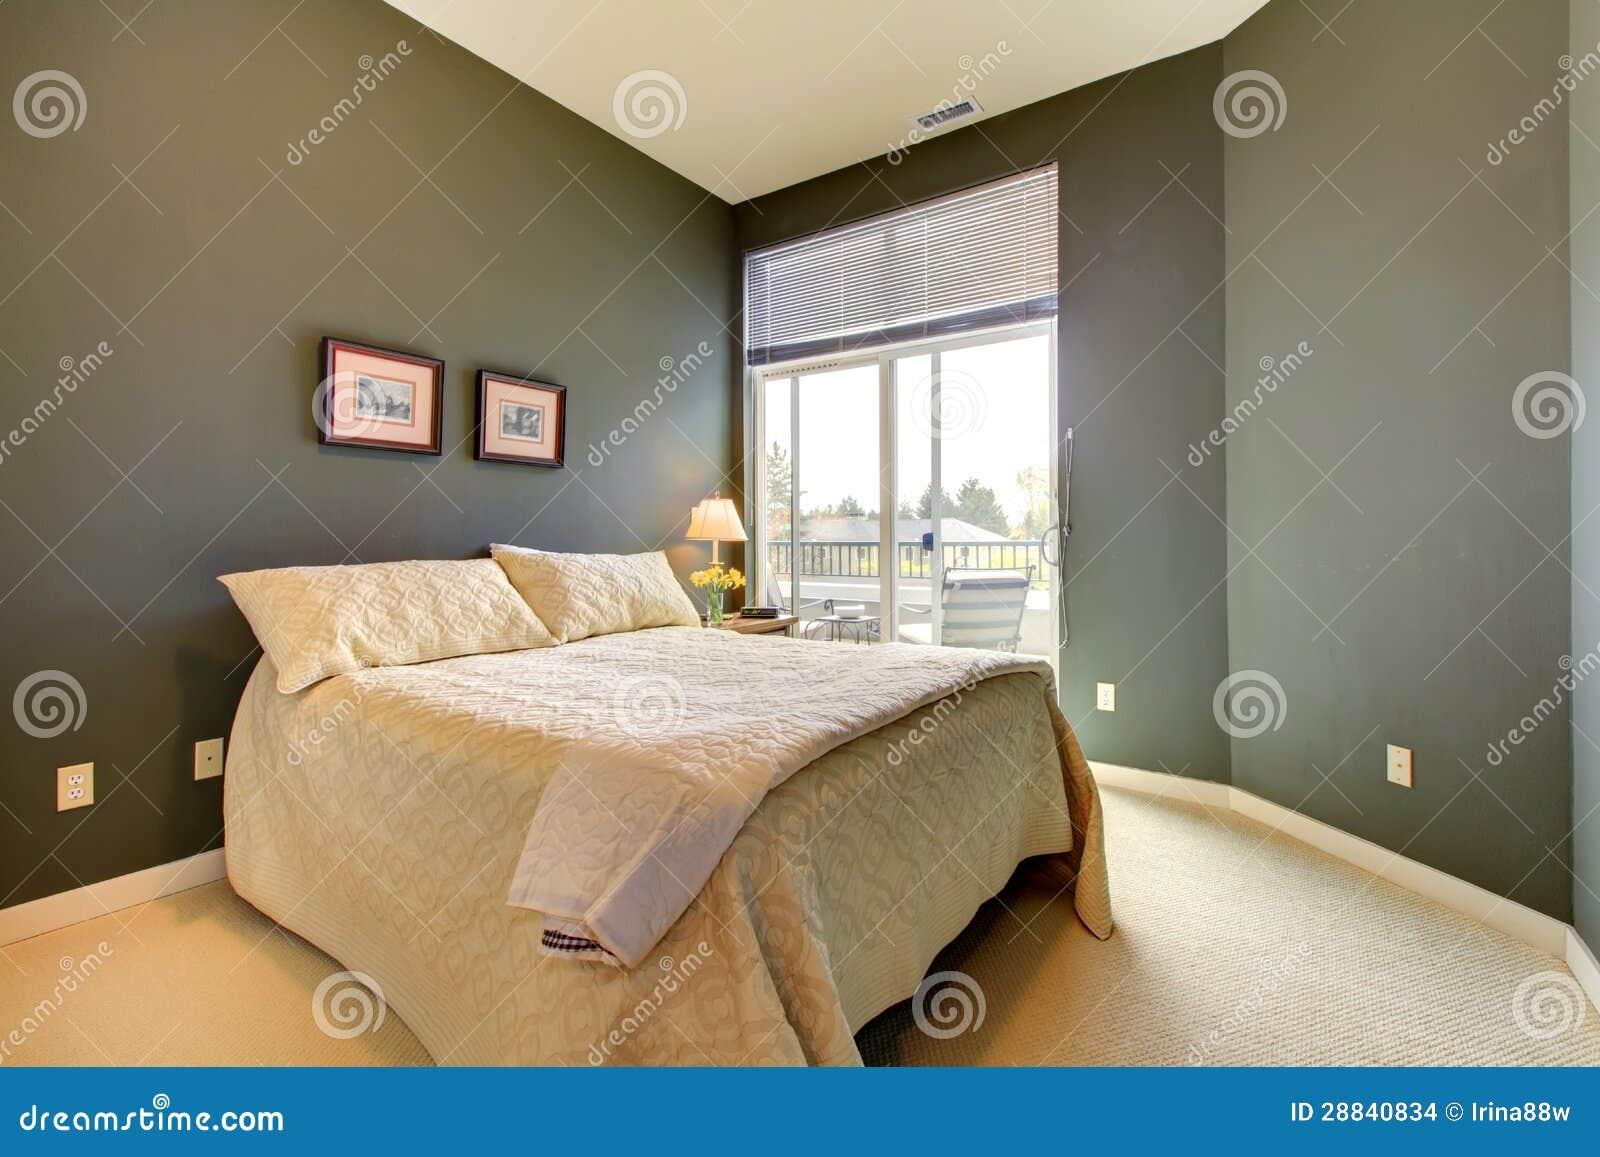 Papier peint bleu geometrique des id es novatrices sur la conception et le mobilier de maison for Chambre jungle auchan